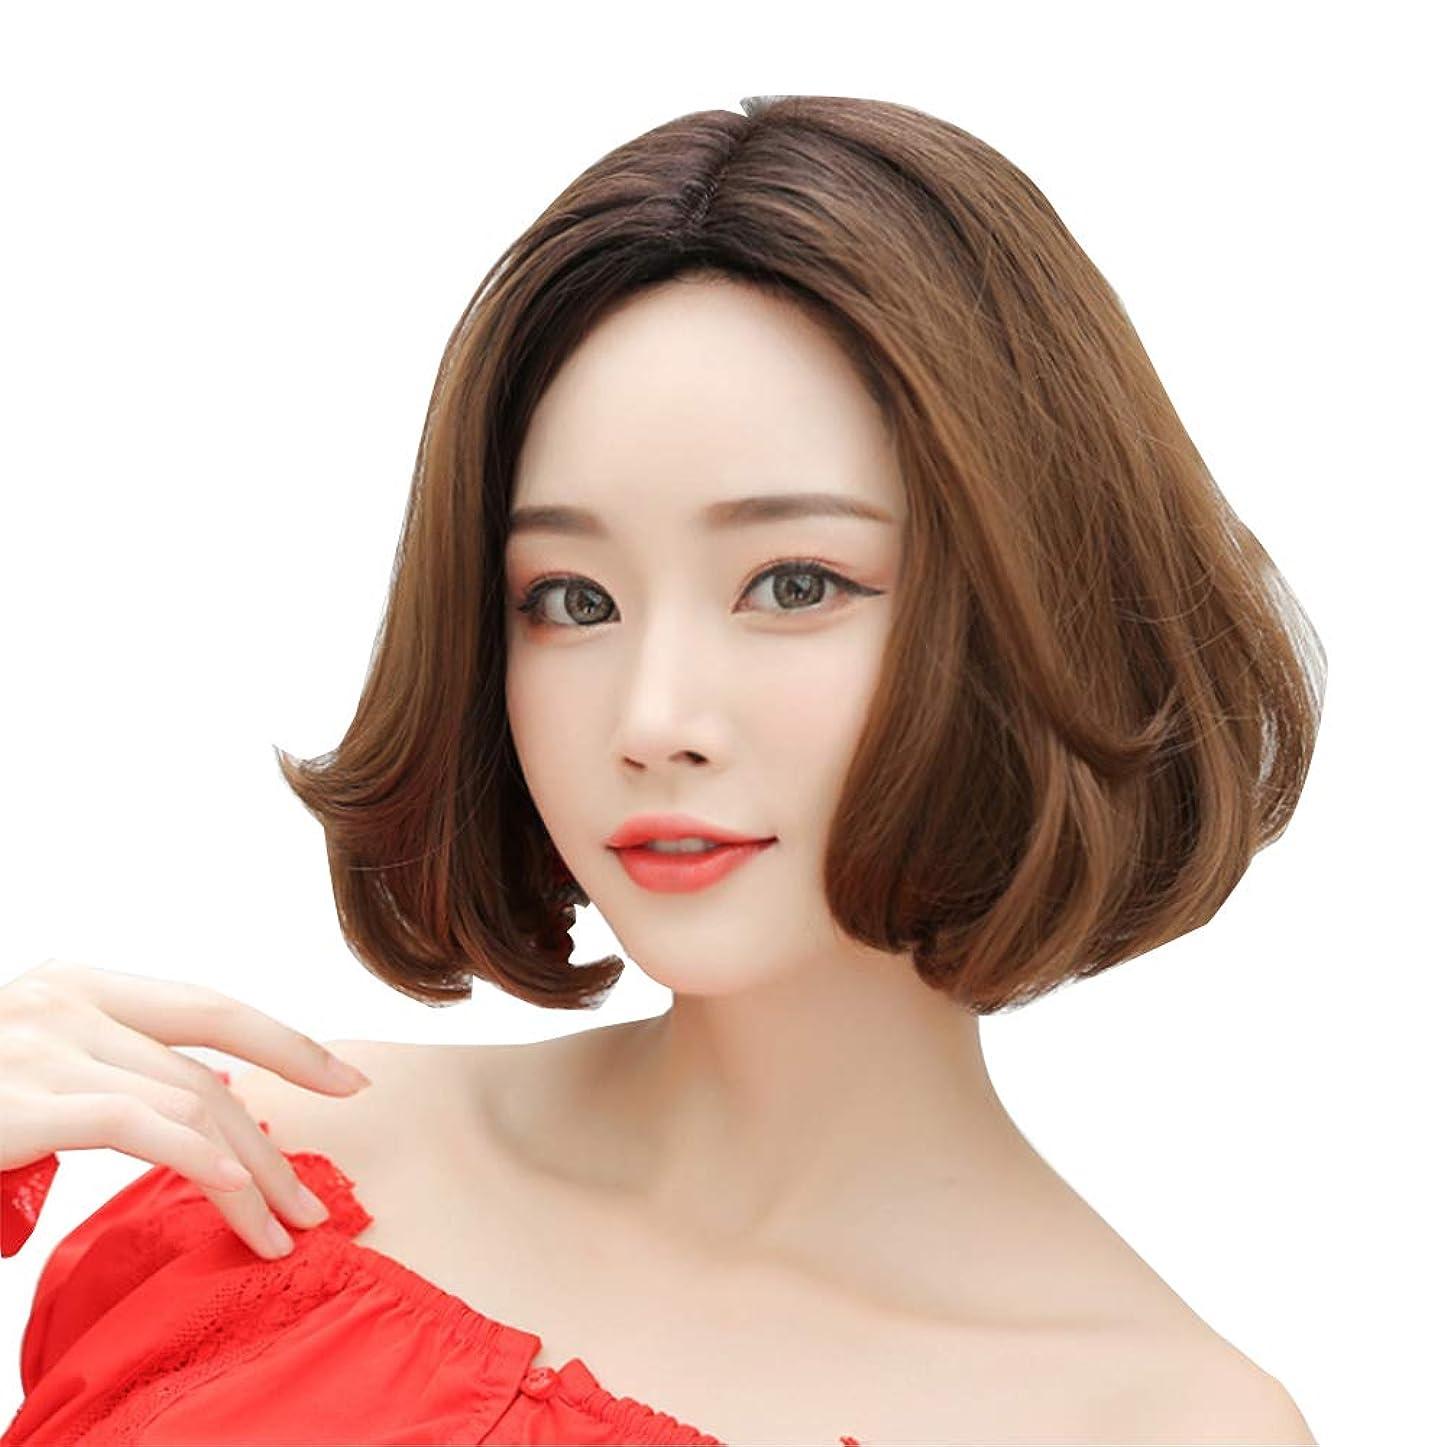 セッティング丘ダウンウィッグショートヘア女性用ふわふわウェーブのかかった髪かつら自然な耐熱合成ファッションウィッグショートカーリーコスプレ、グレーオレンジ,Orange